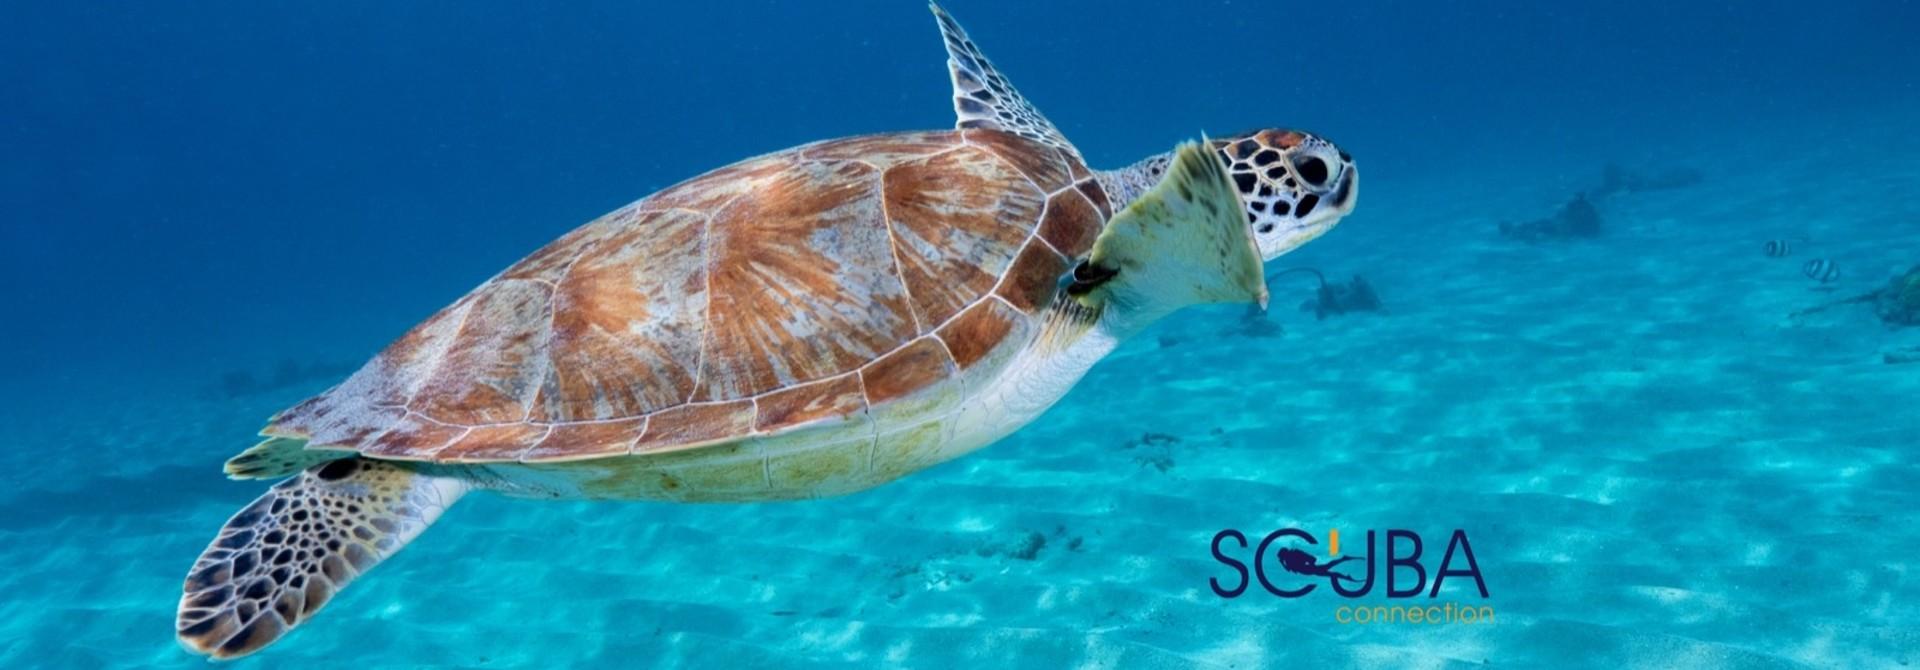 Online Snorkelwinkel